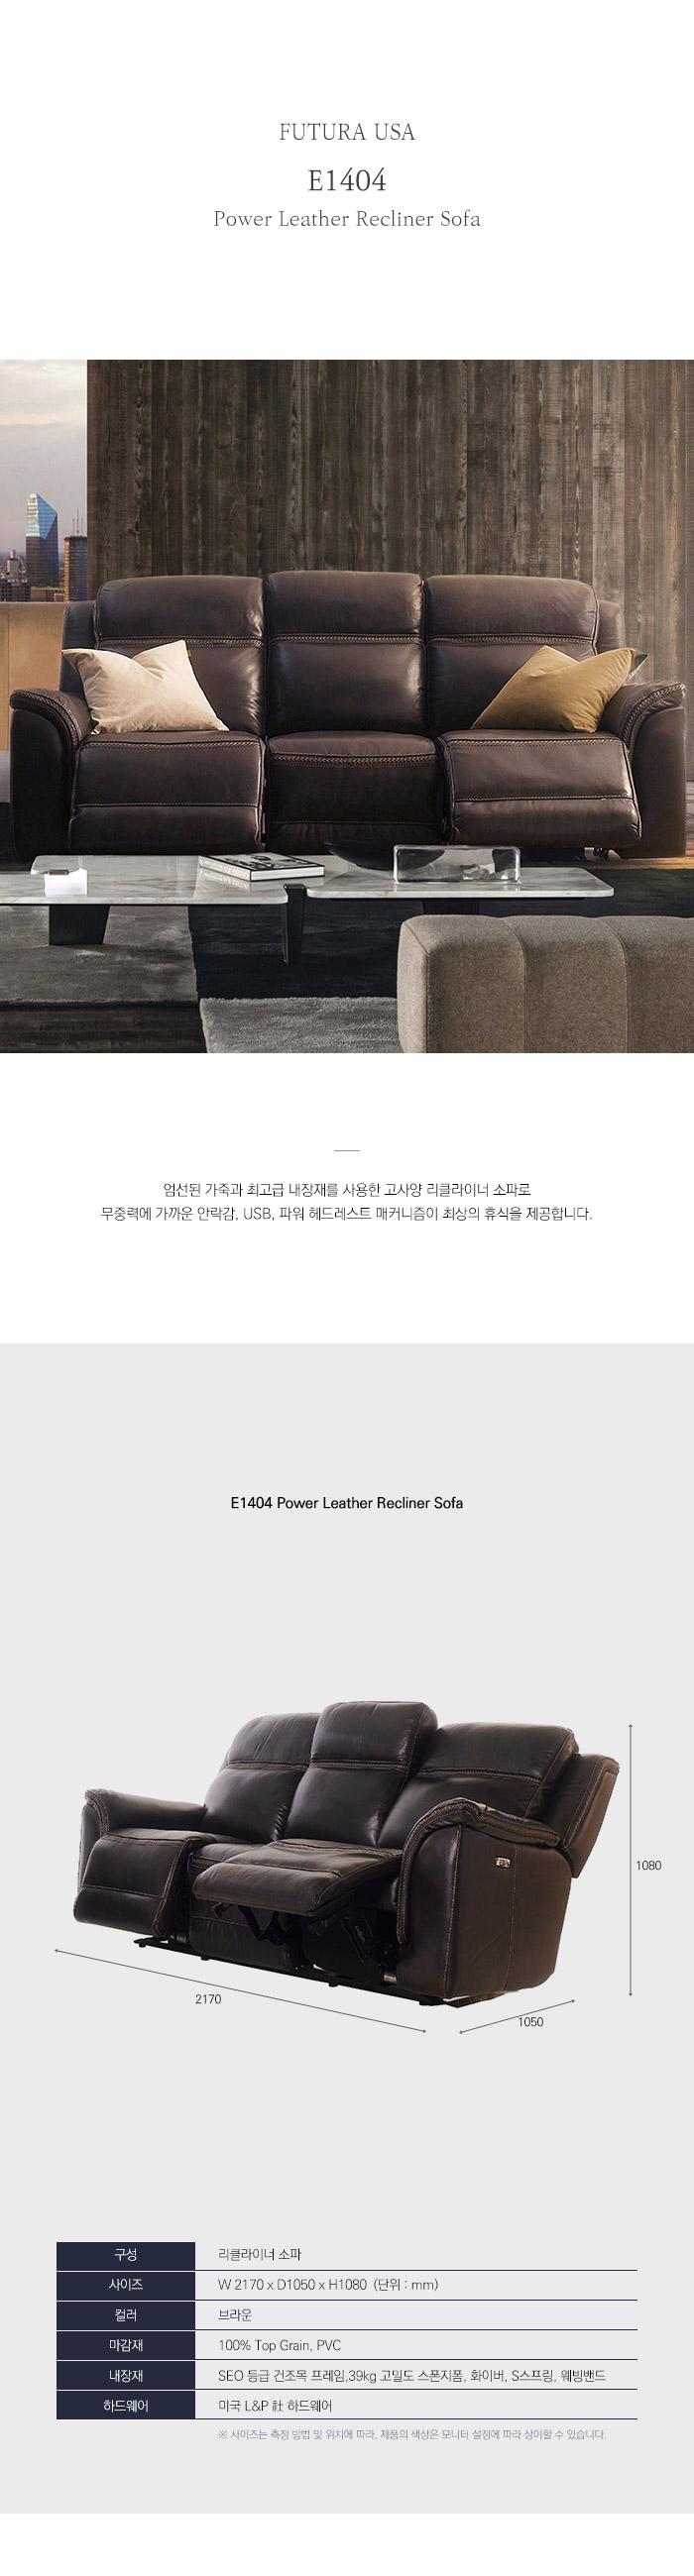 E1404-sofa-add-1.jpg